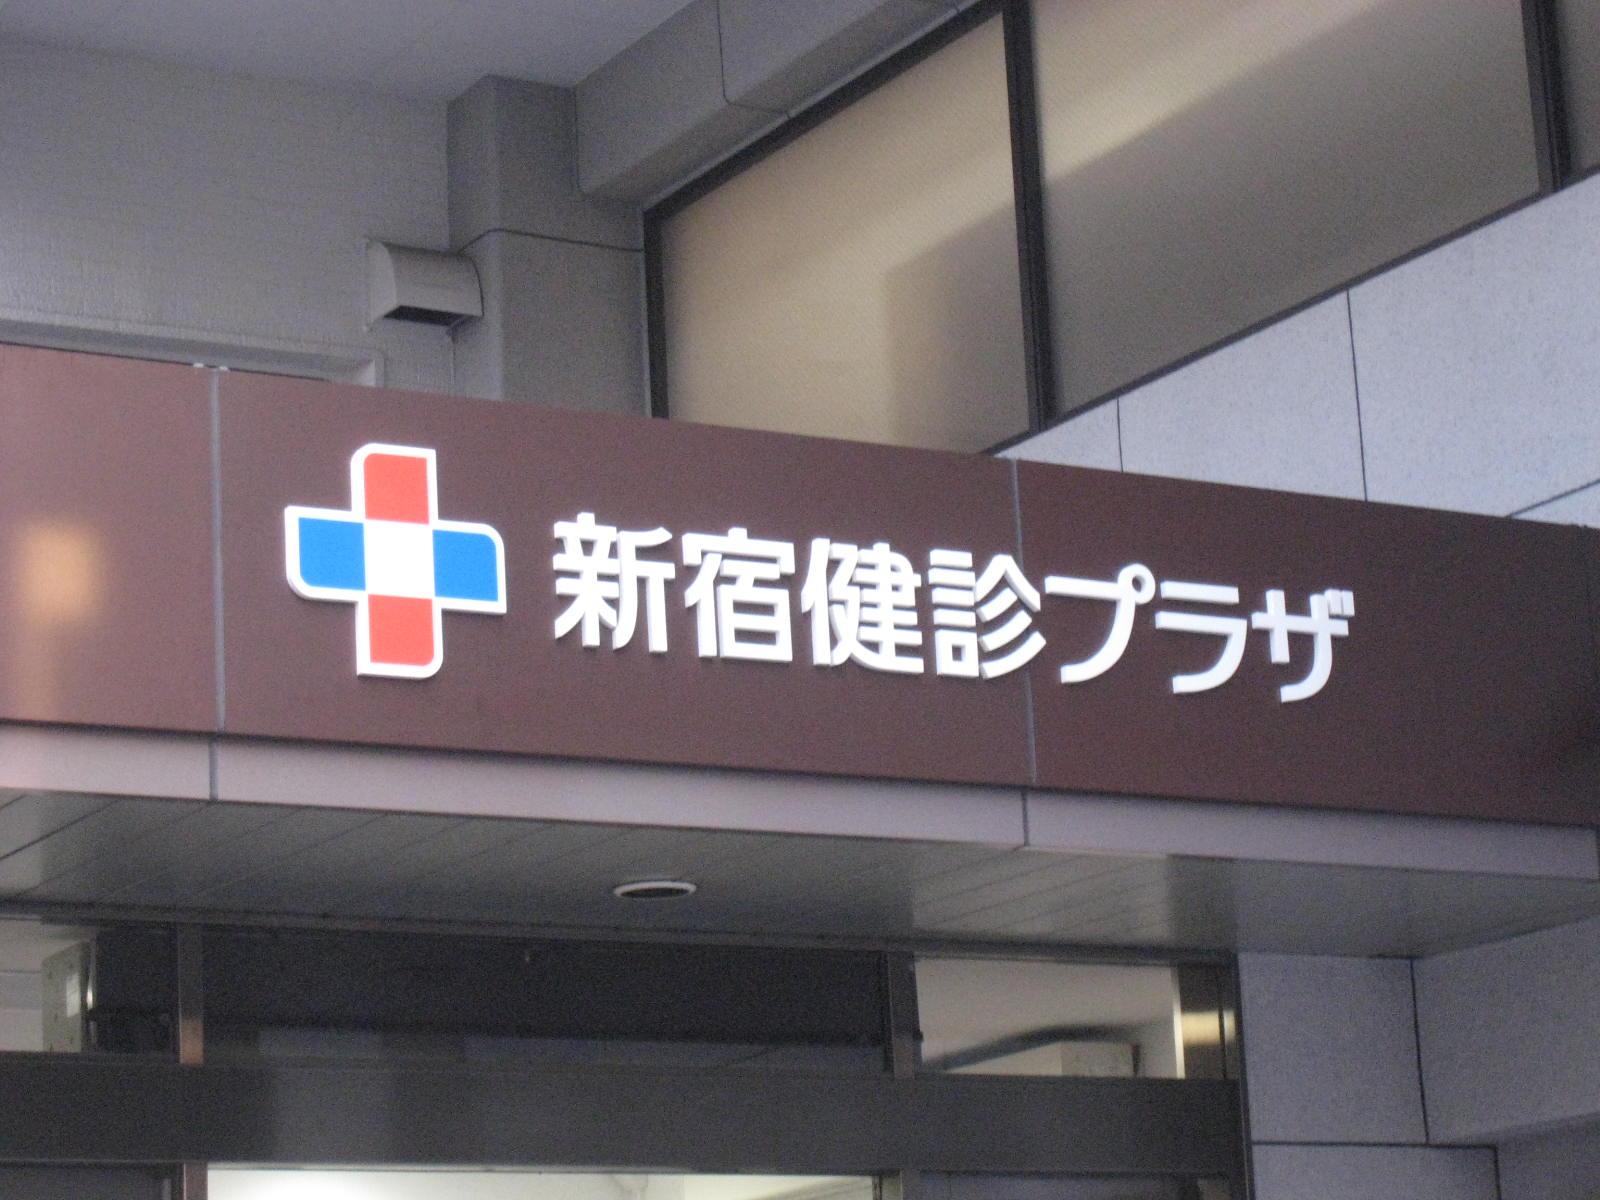 新宿 健 診 プラザ